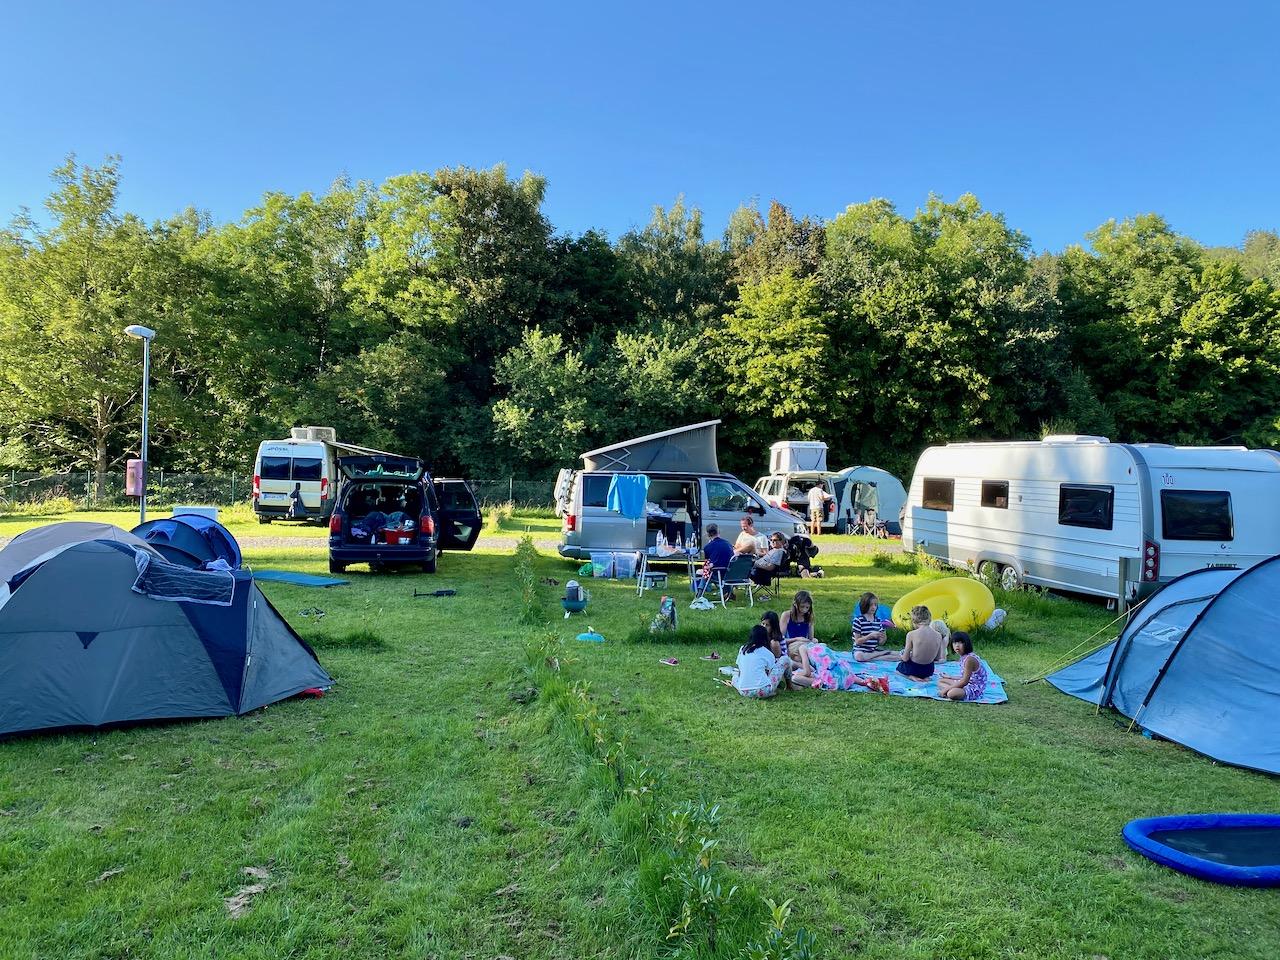 Campingplatz Kronenburger See, Kronenburg, Eifel